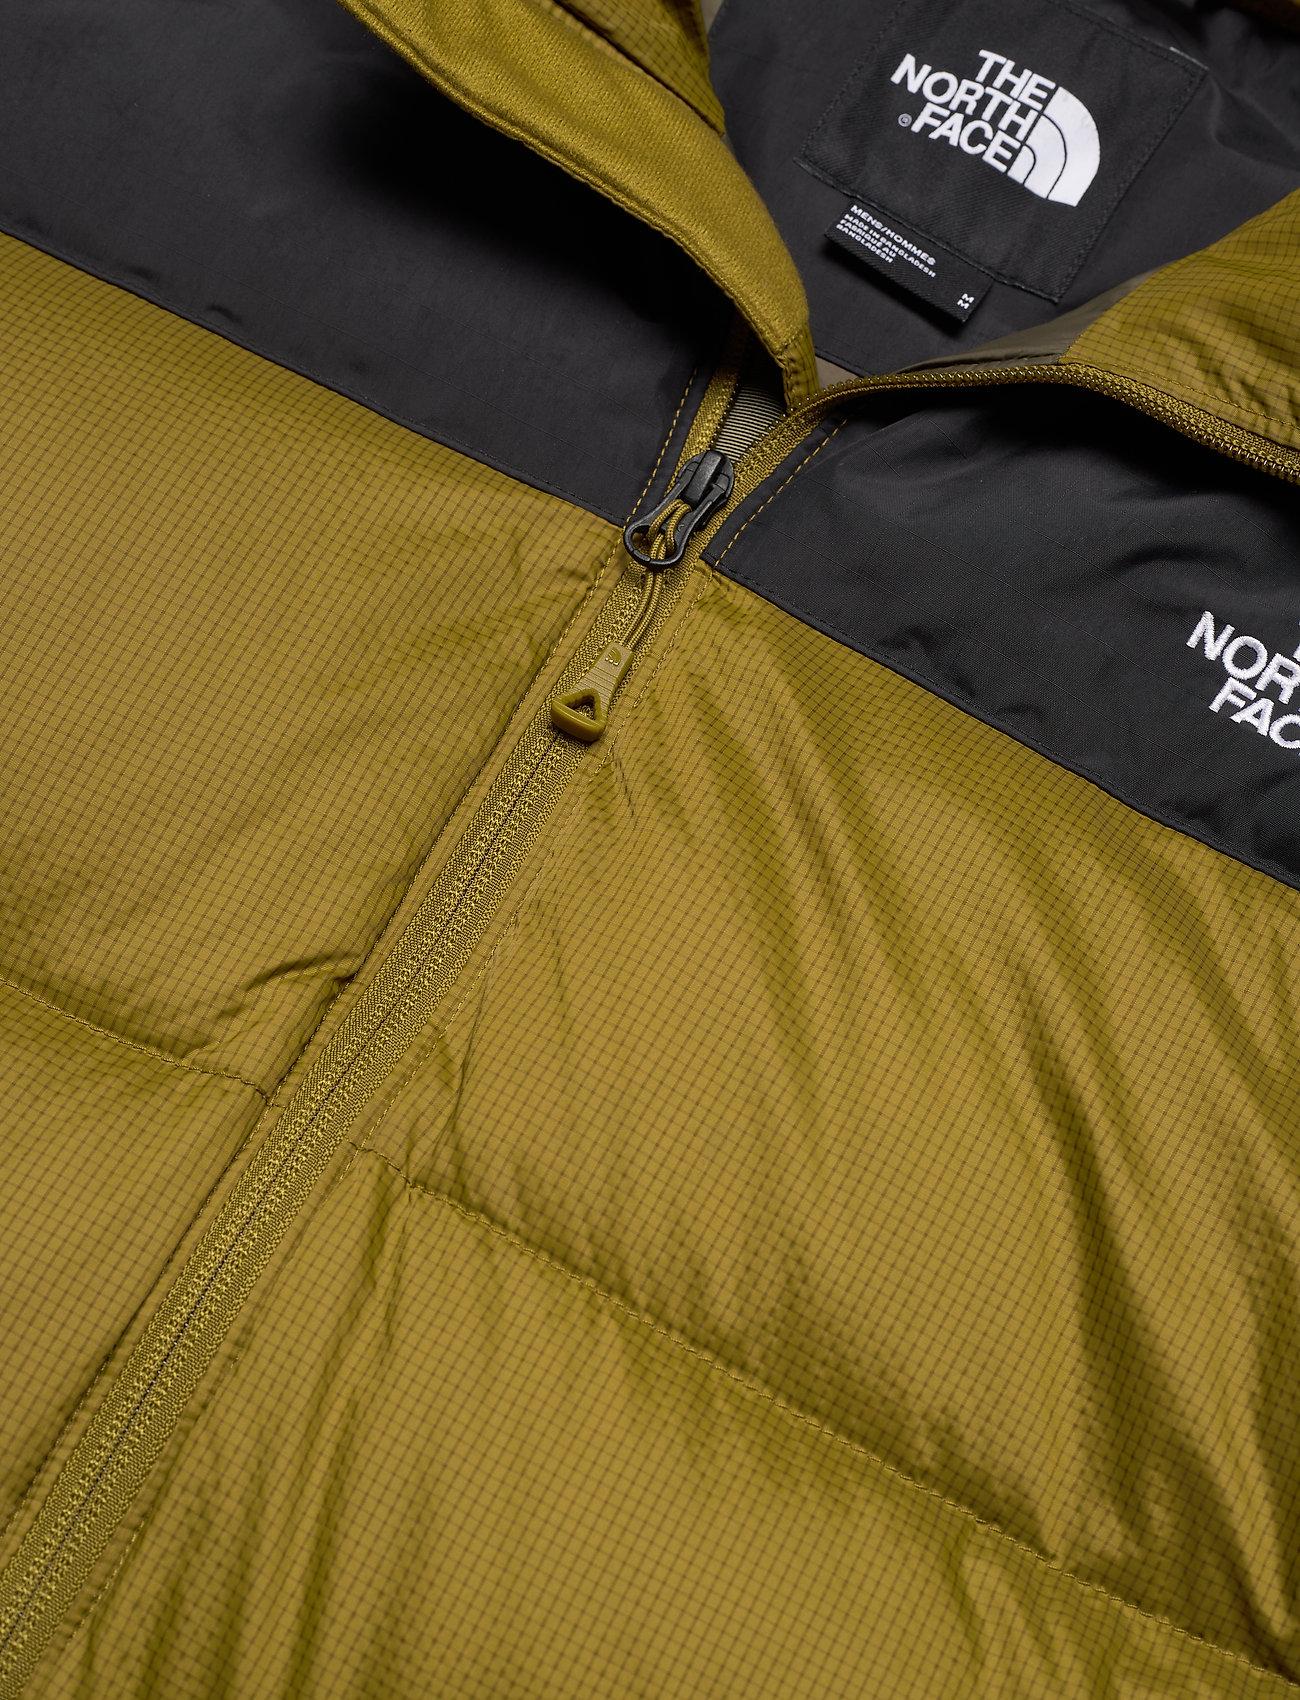 The North Face M DIABLO DWN JKT - Jakker og frakker FIR GREEN/TNF BLACK - Menn Klær